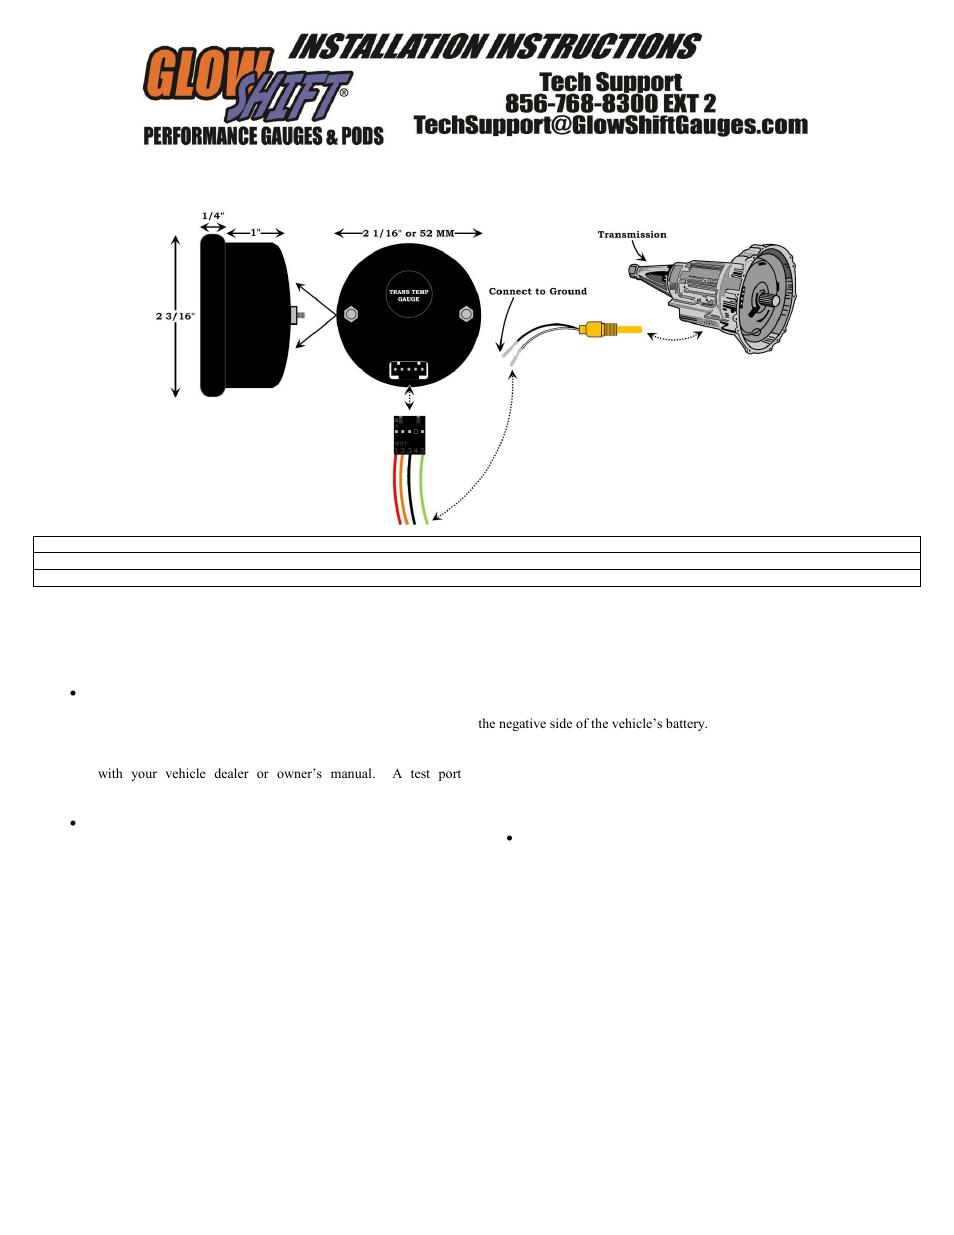 Aircraft Temperature Gauge 4 Wire Schematic